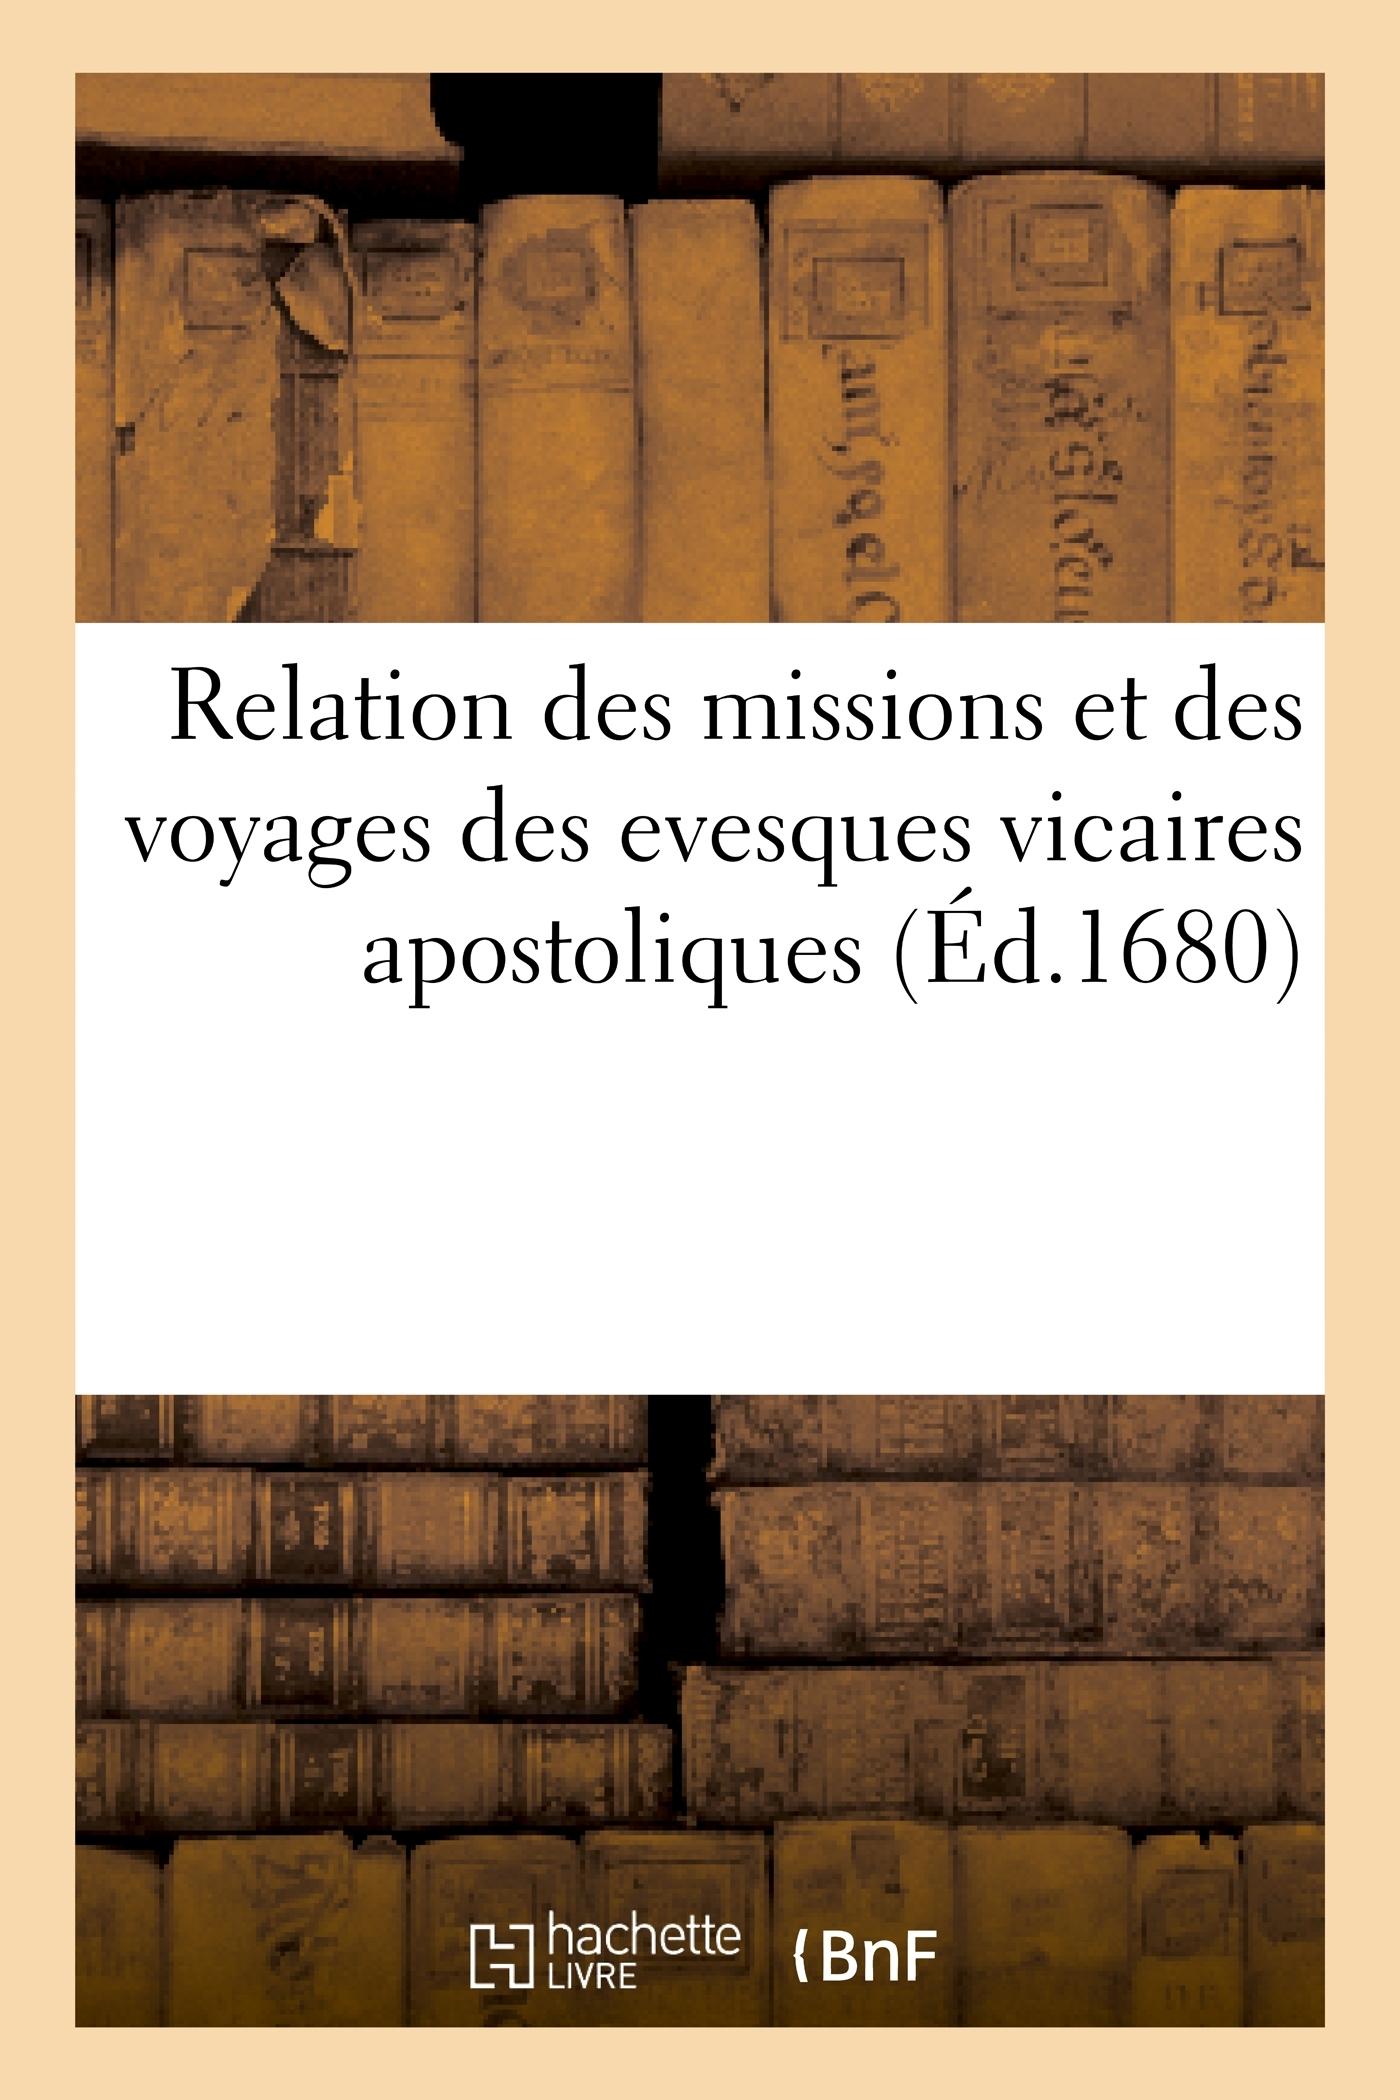 RELATION DES MISSIONS ET DES VOYAGES DES EVESQUES VICAIRES APOSTOLIQUES - , ET DE LEURS ECCLESIASTIQ